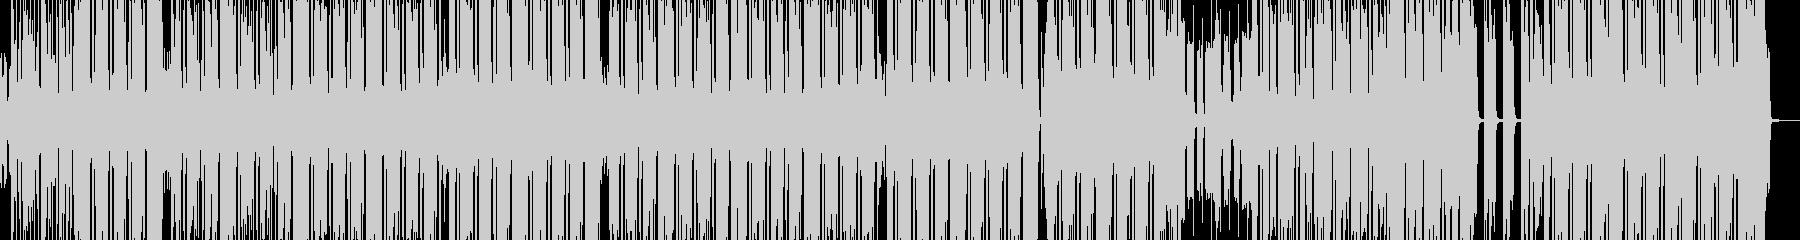 気骨でマッチョなアメリカンヒップホップの未再生の波形